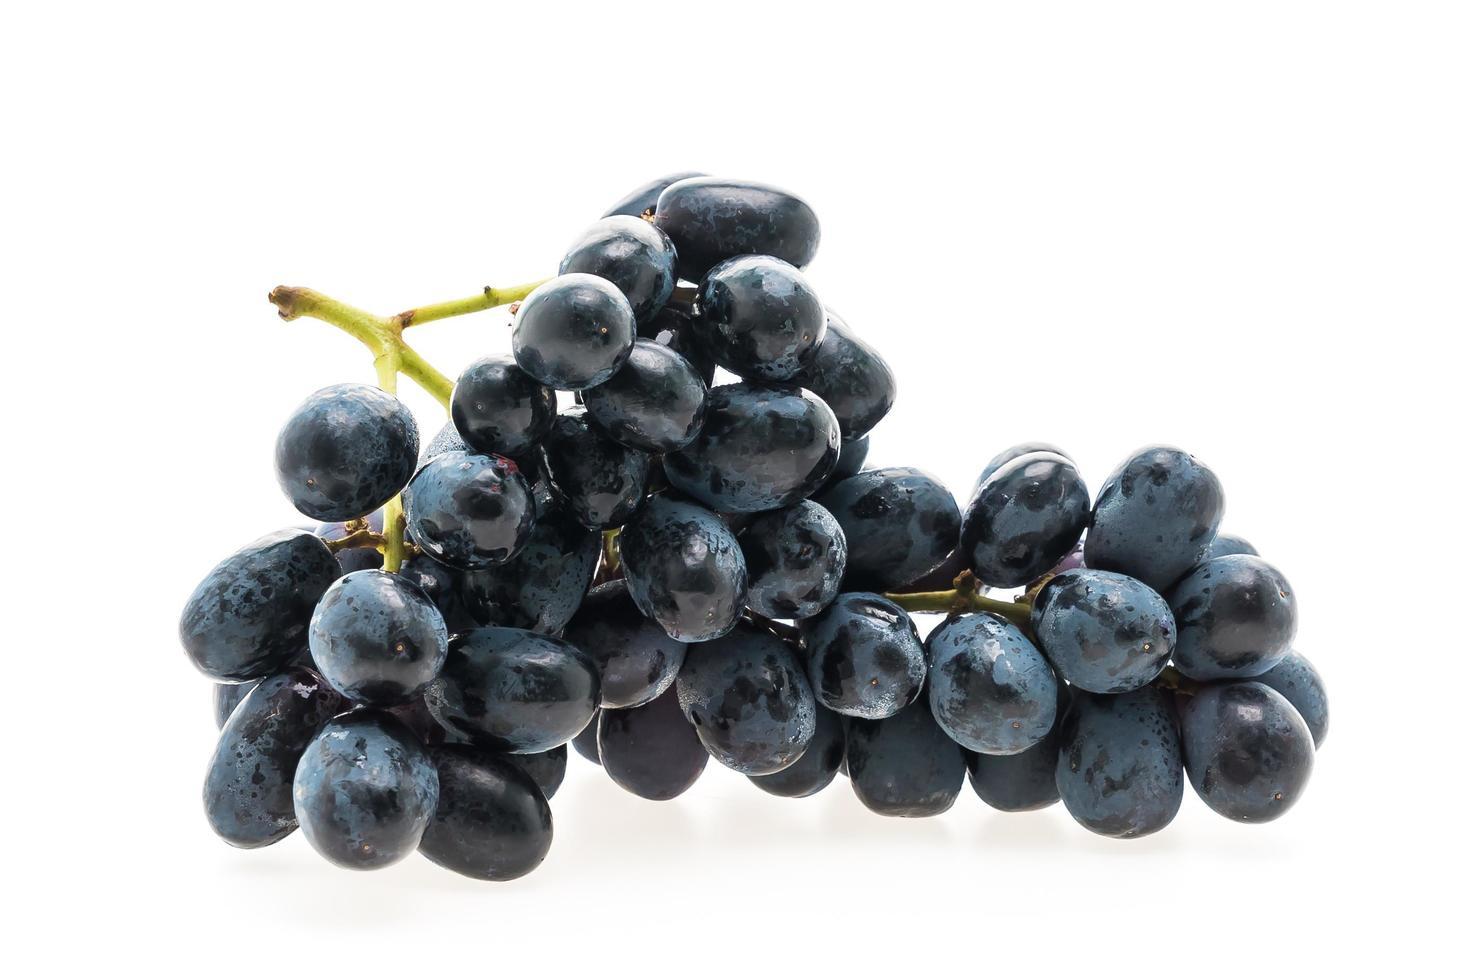 druiven fruit geïsoleerd op een witte achtergrond foto